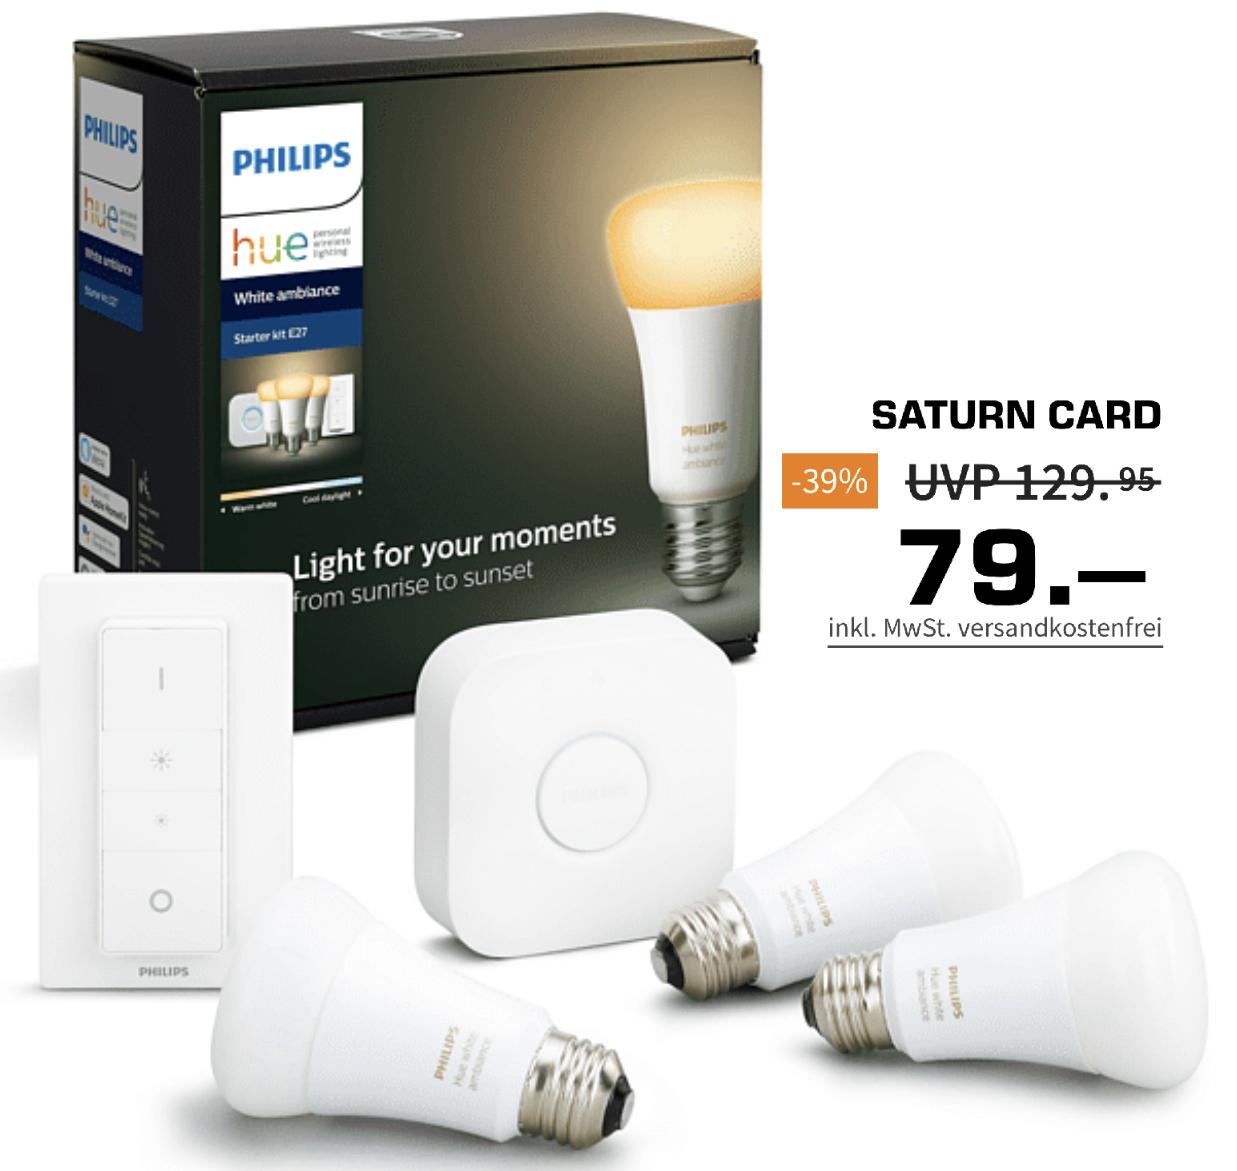 Saturn Member: PHILIPS Hue White Ambiance E27 3er Bluetooth Starter Kit für 79€ / Hue Play 1er Erweiterung für 37€ (Abholung) bzw. 39,99€